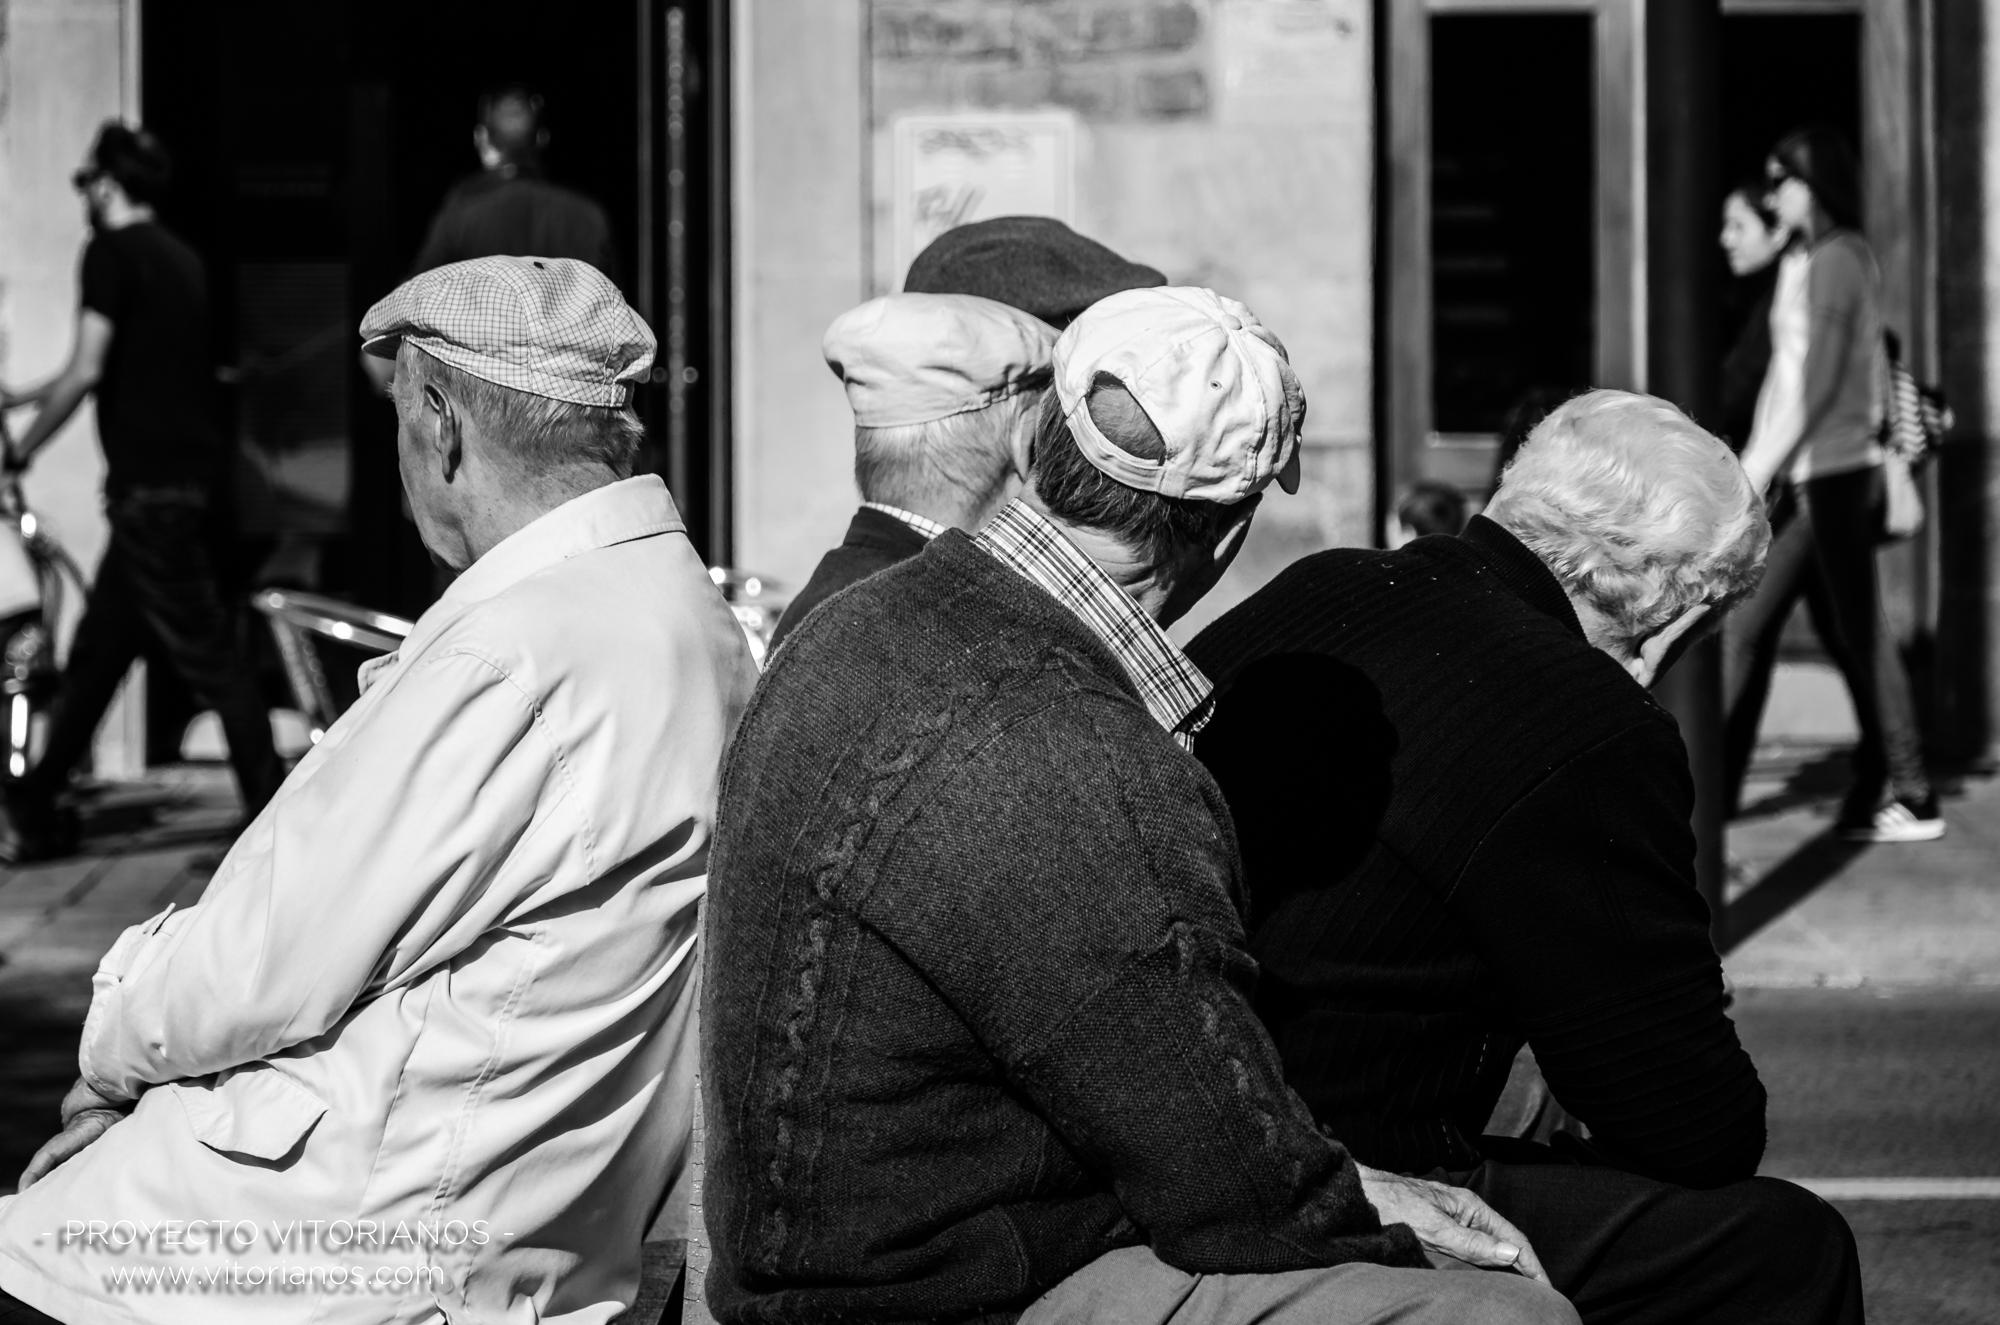 Vitorianos en un banco - Foto: José Luis Zúñiga